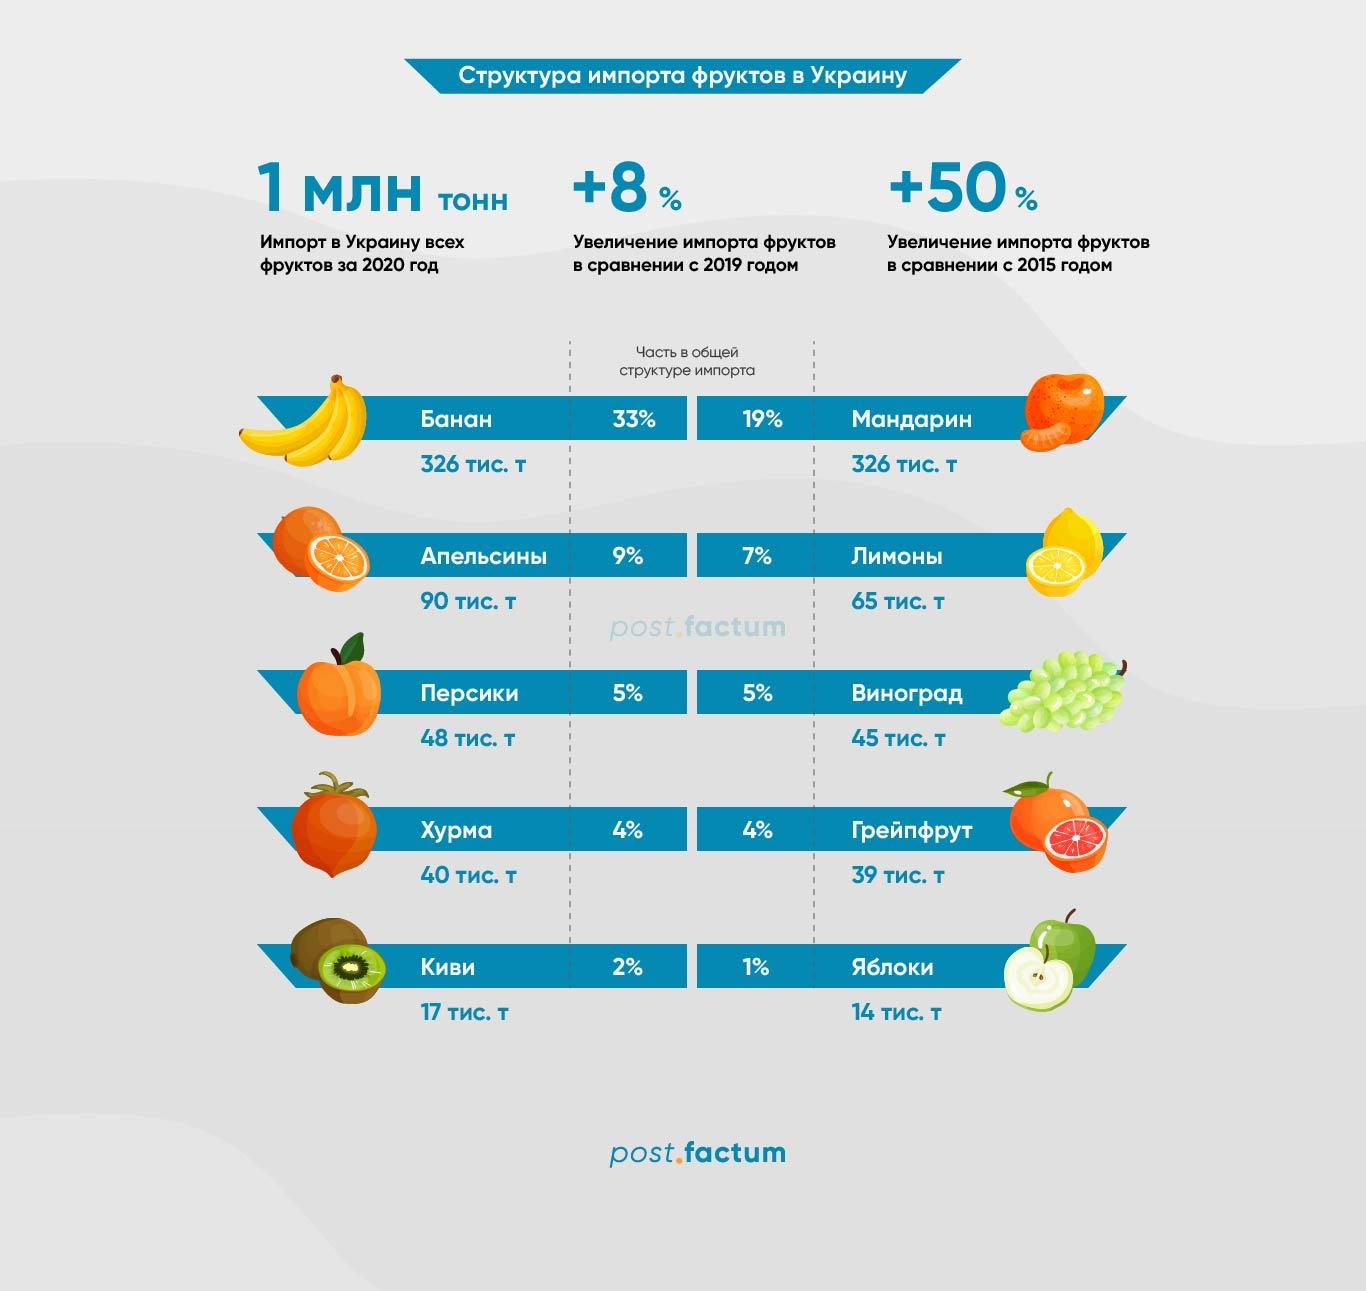 Инфографика: какие импортные фрукты украинцы покупают чаще всего — фото 1